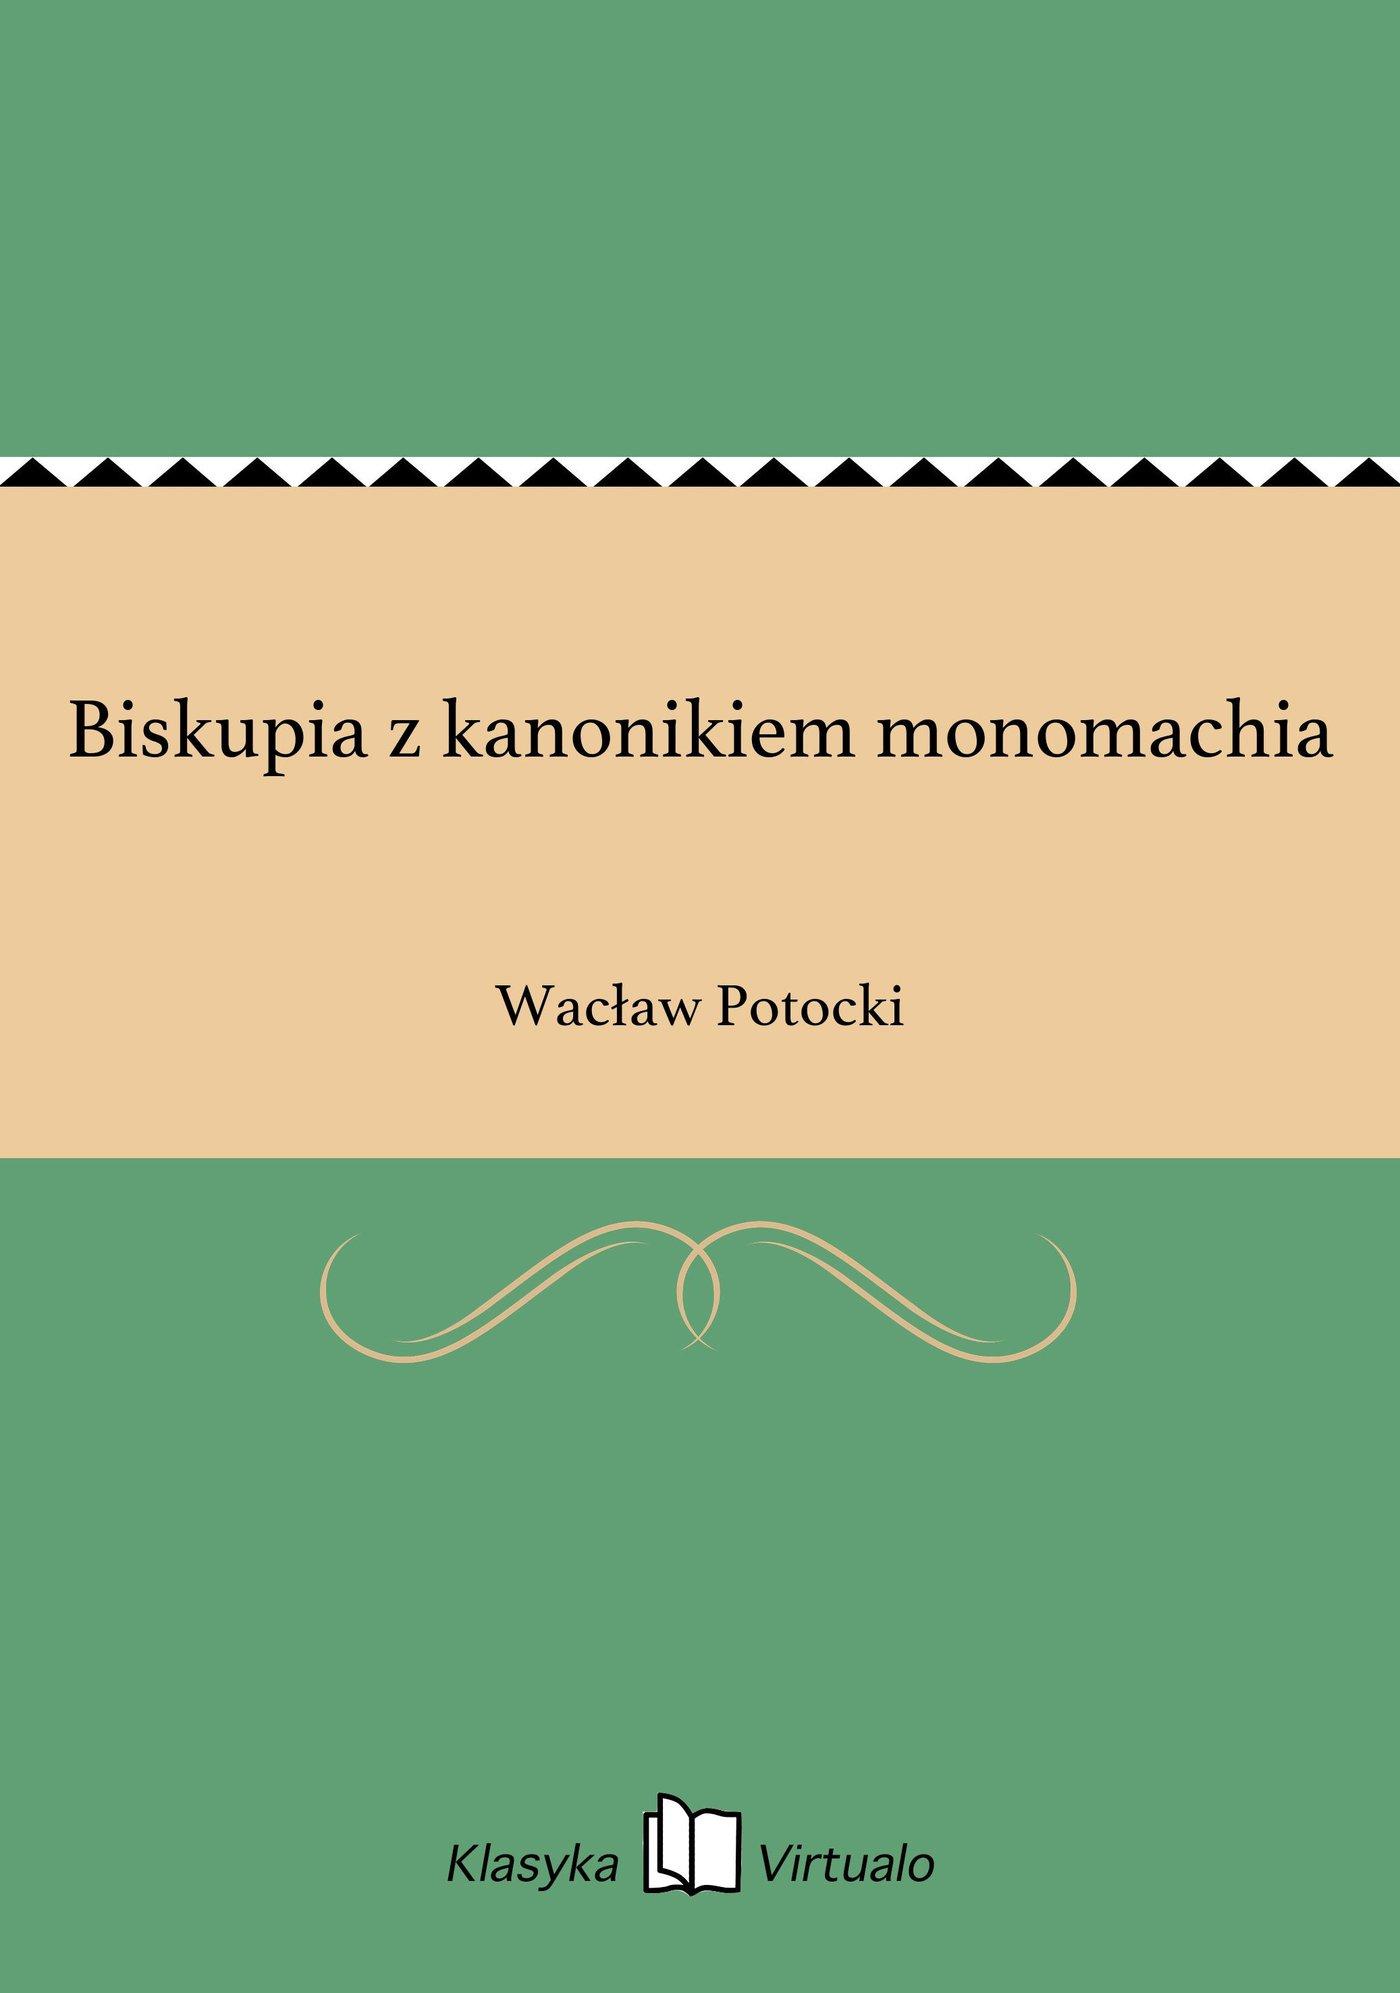 Biskupia z kanonikiem monomachia - Ebook (Książka EPUB) do pobrania w formacie EPUB